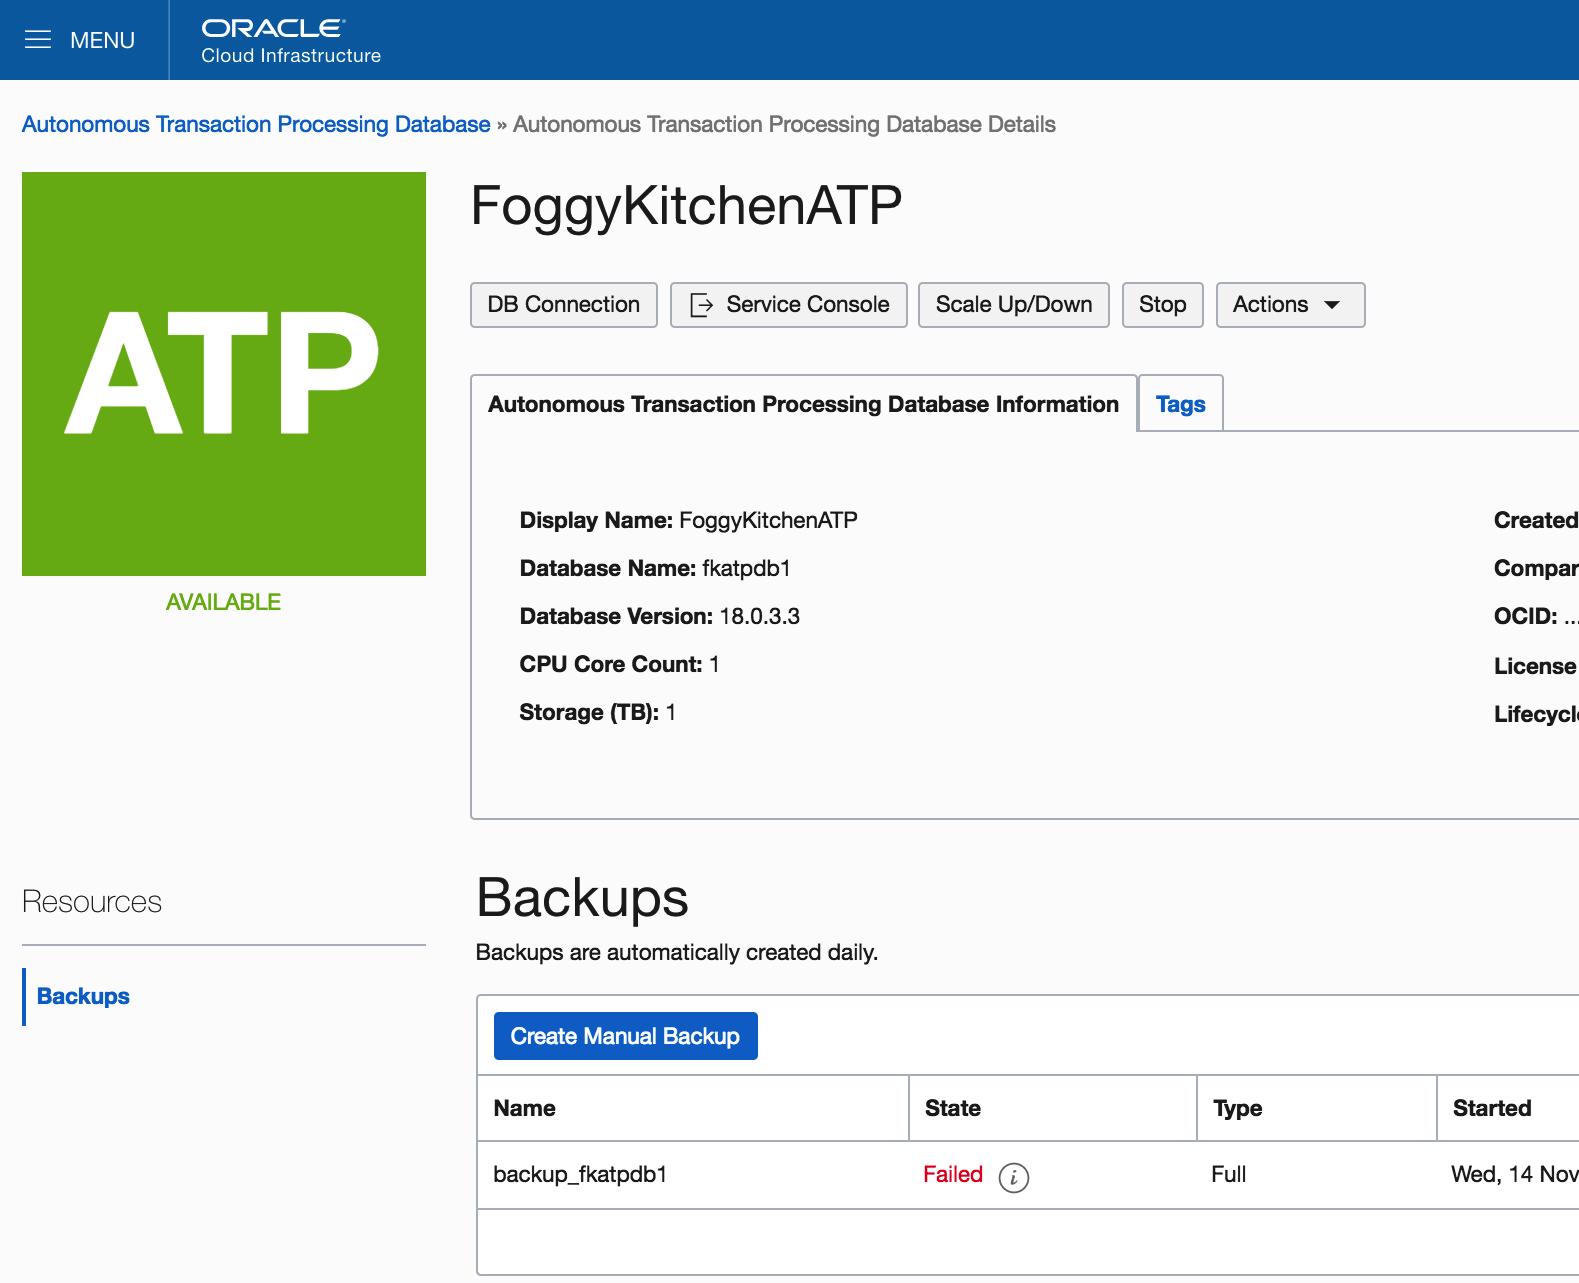 ATP_failed_backup